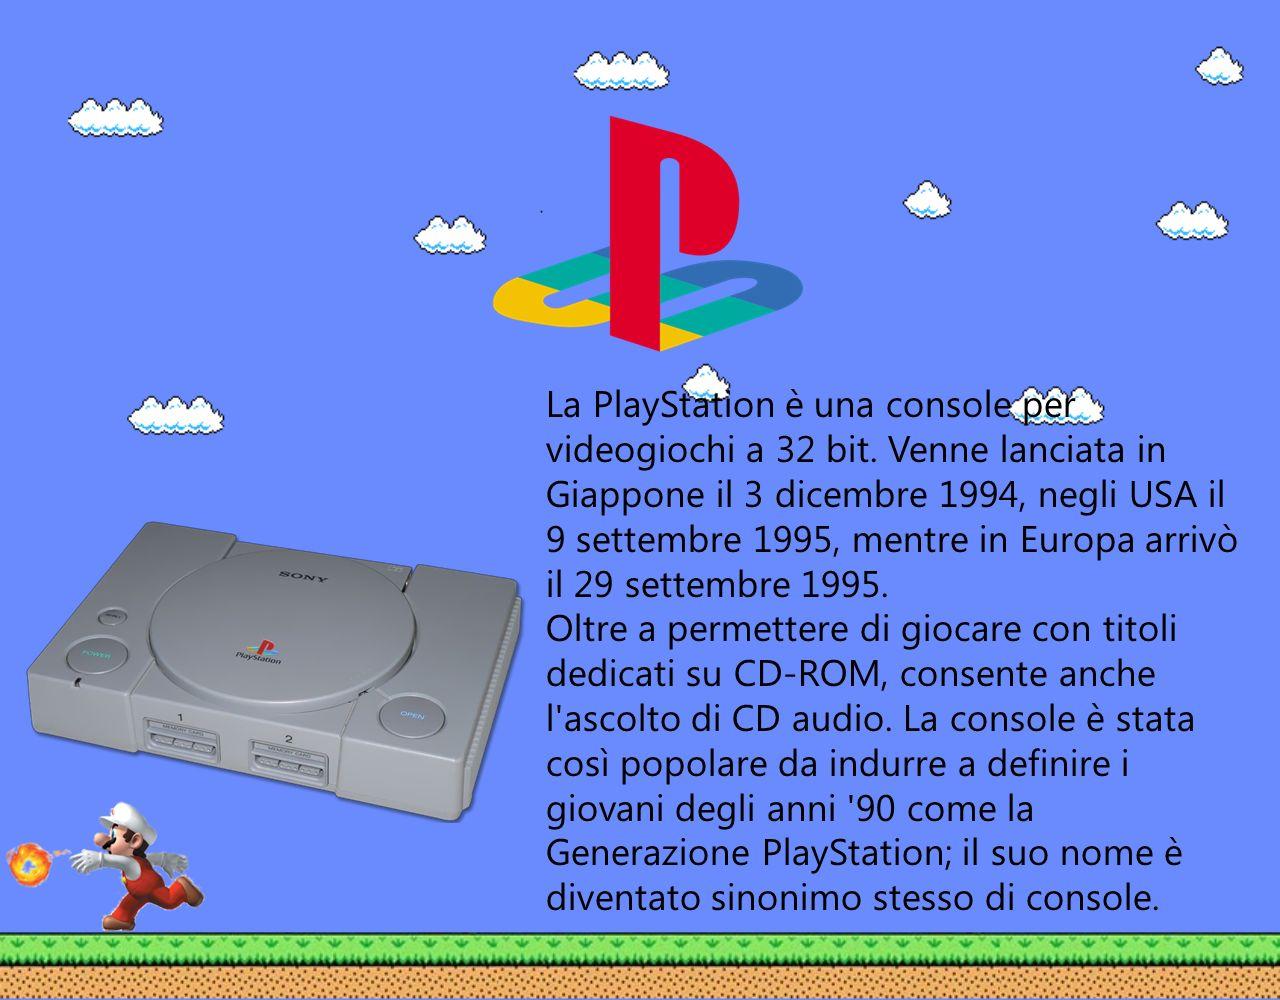 La PlayStation è una console per videogiochi a 32 bit. Venne lanciata in Giappone il 3 dicembre 1994, negli USA il 9 settembre 1995, mentre in Europa